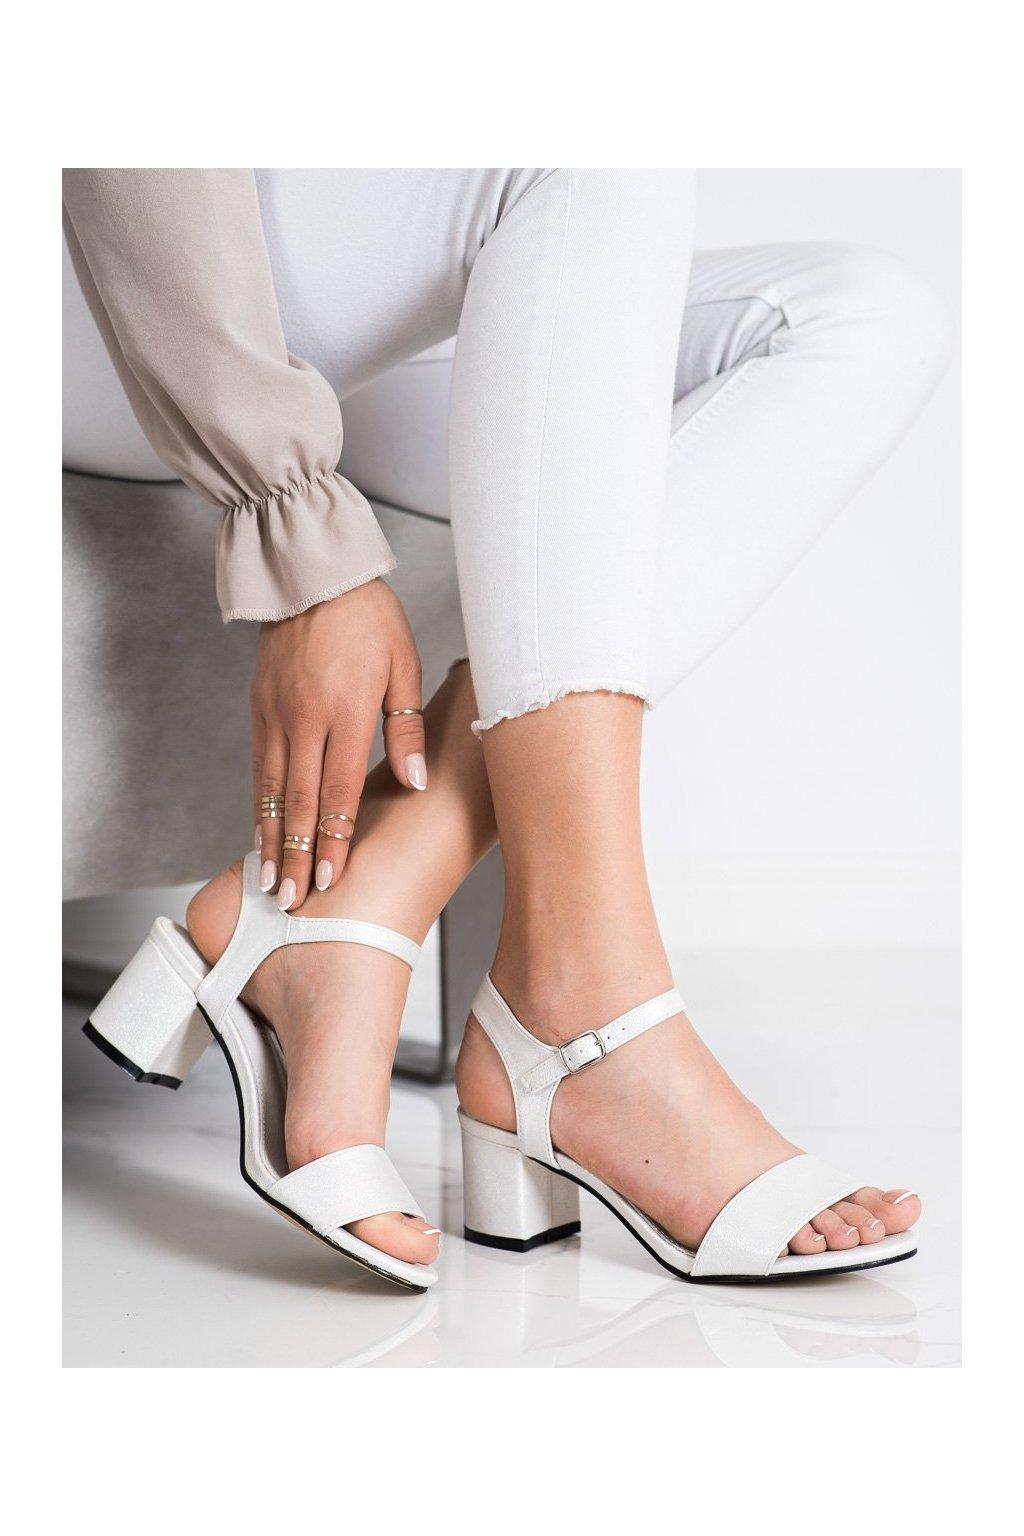 Biele sandále Goodin kod GD-FL1028W